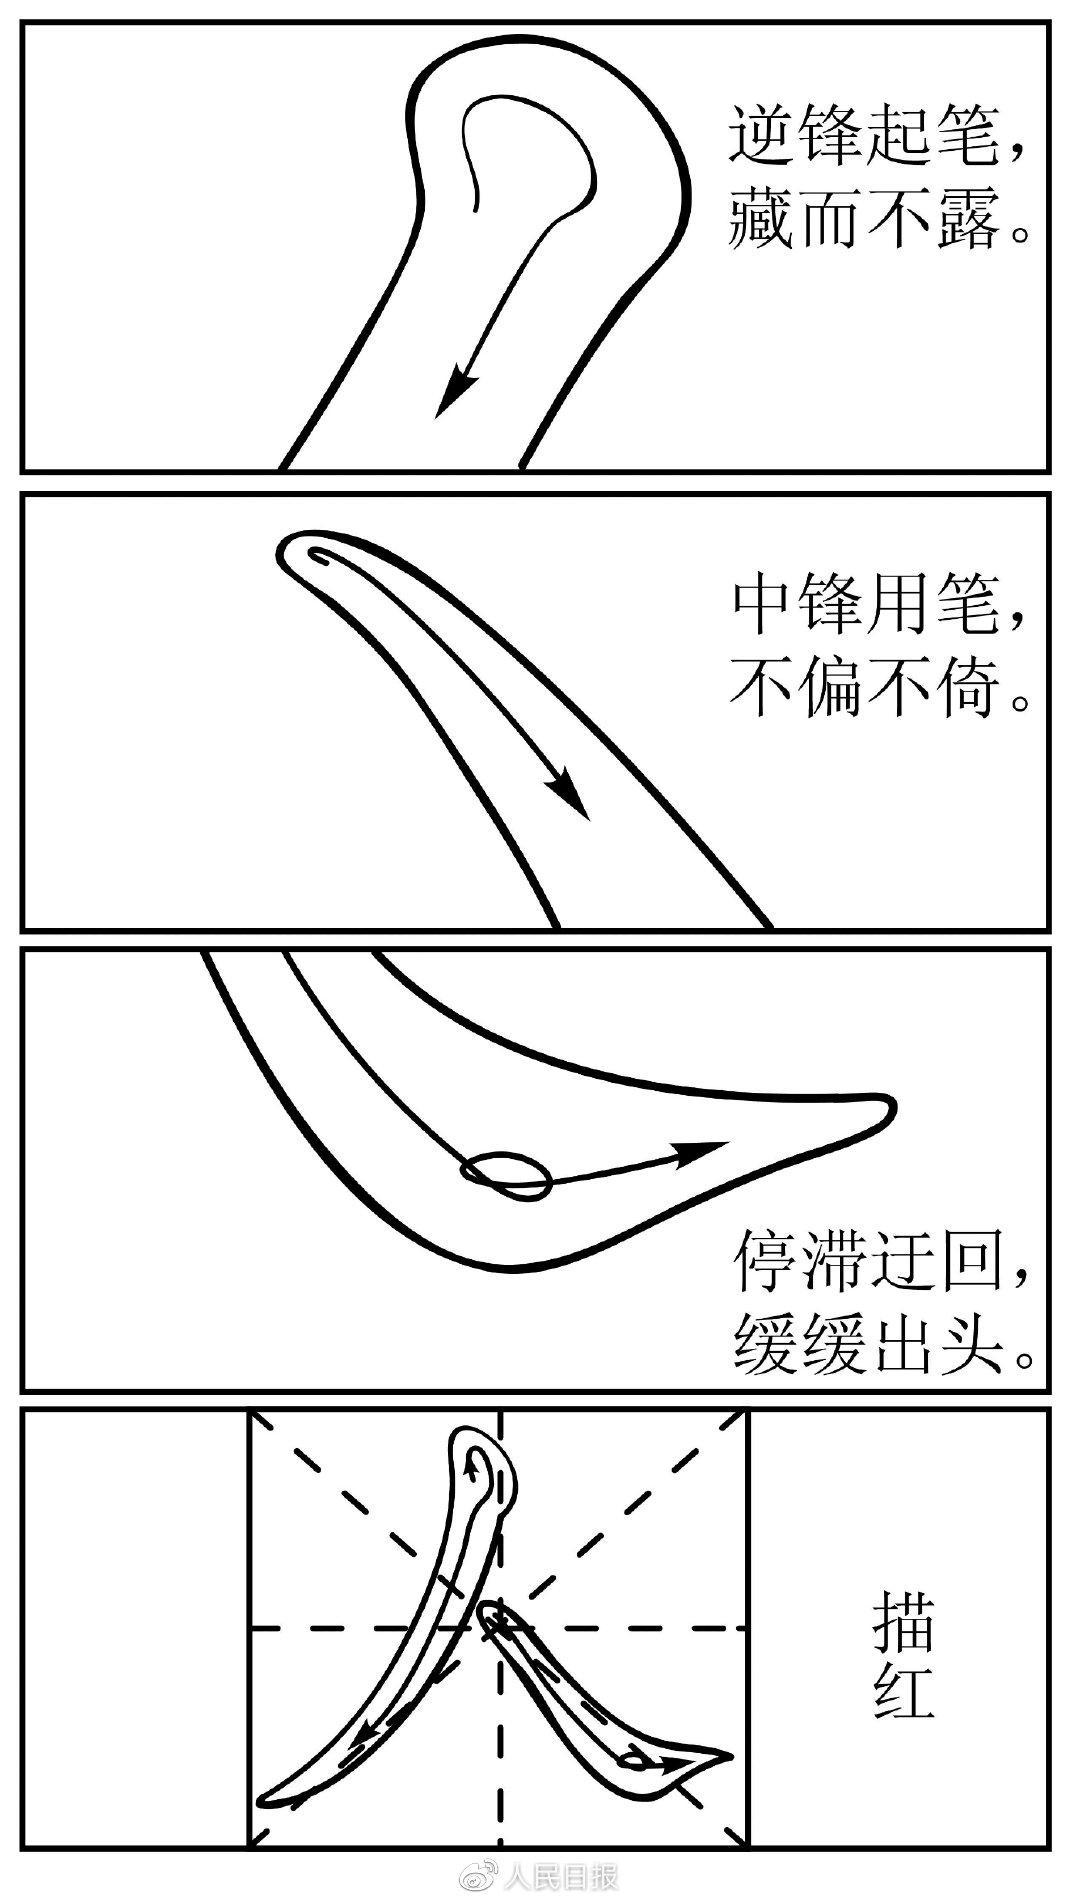 唐光雨漫画作品,有改动